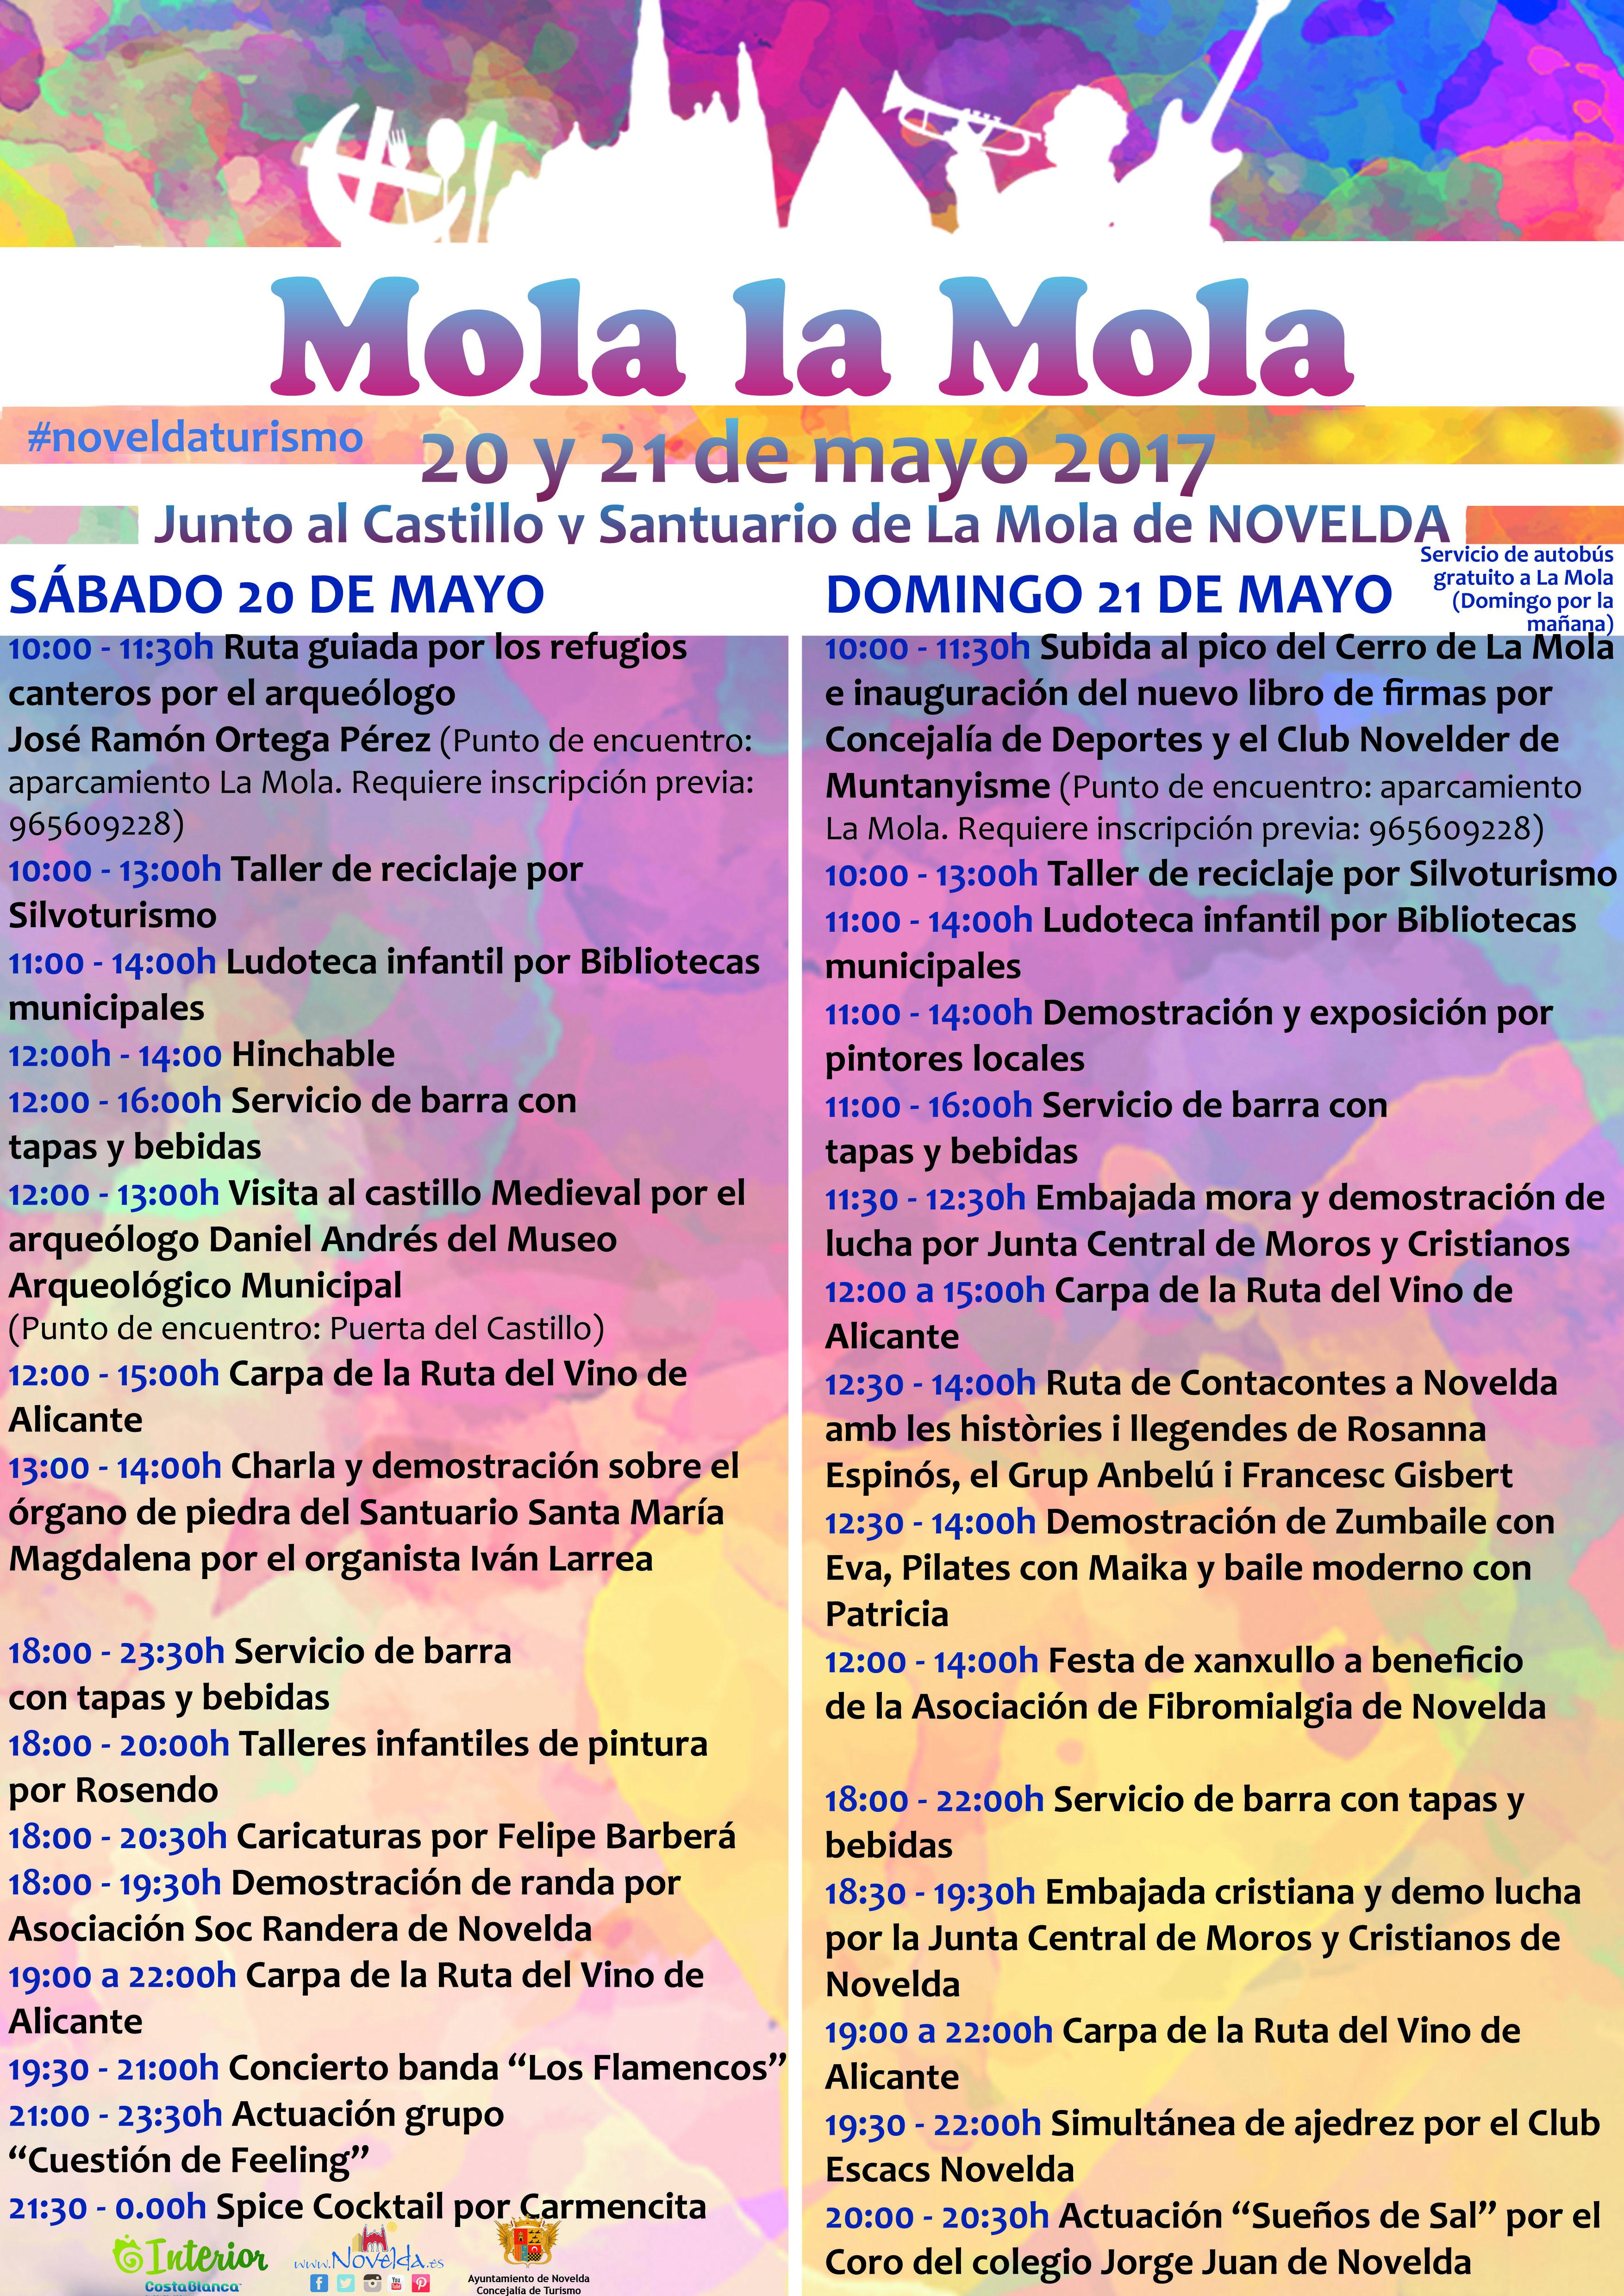 CARTEL programación MOLA LA MOLA NOVELDA 2017